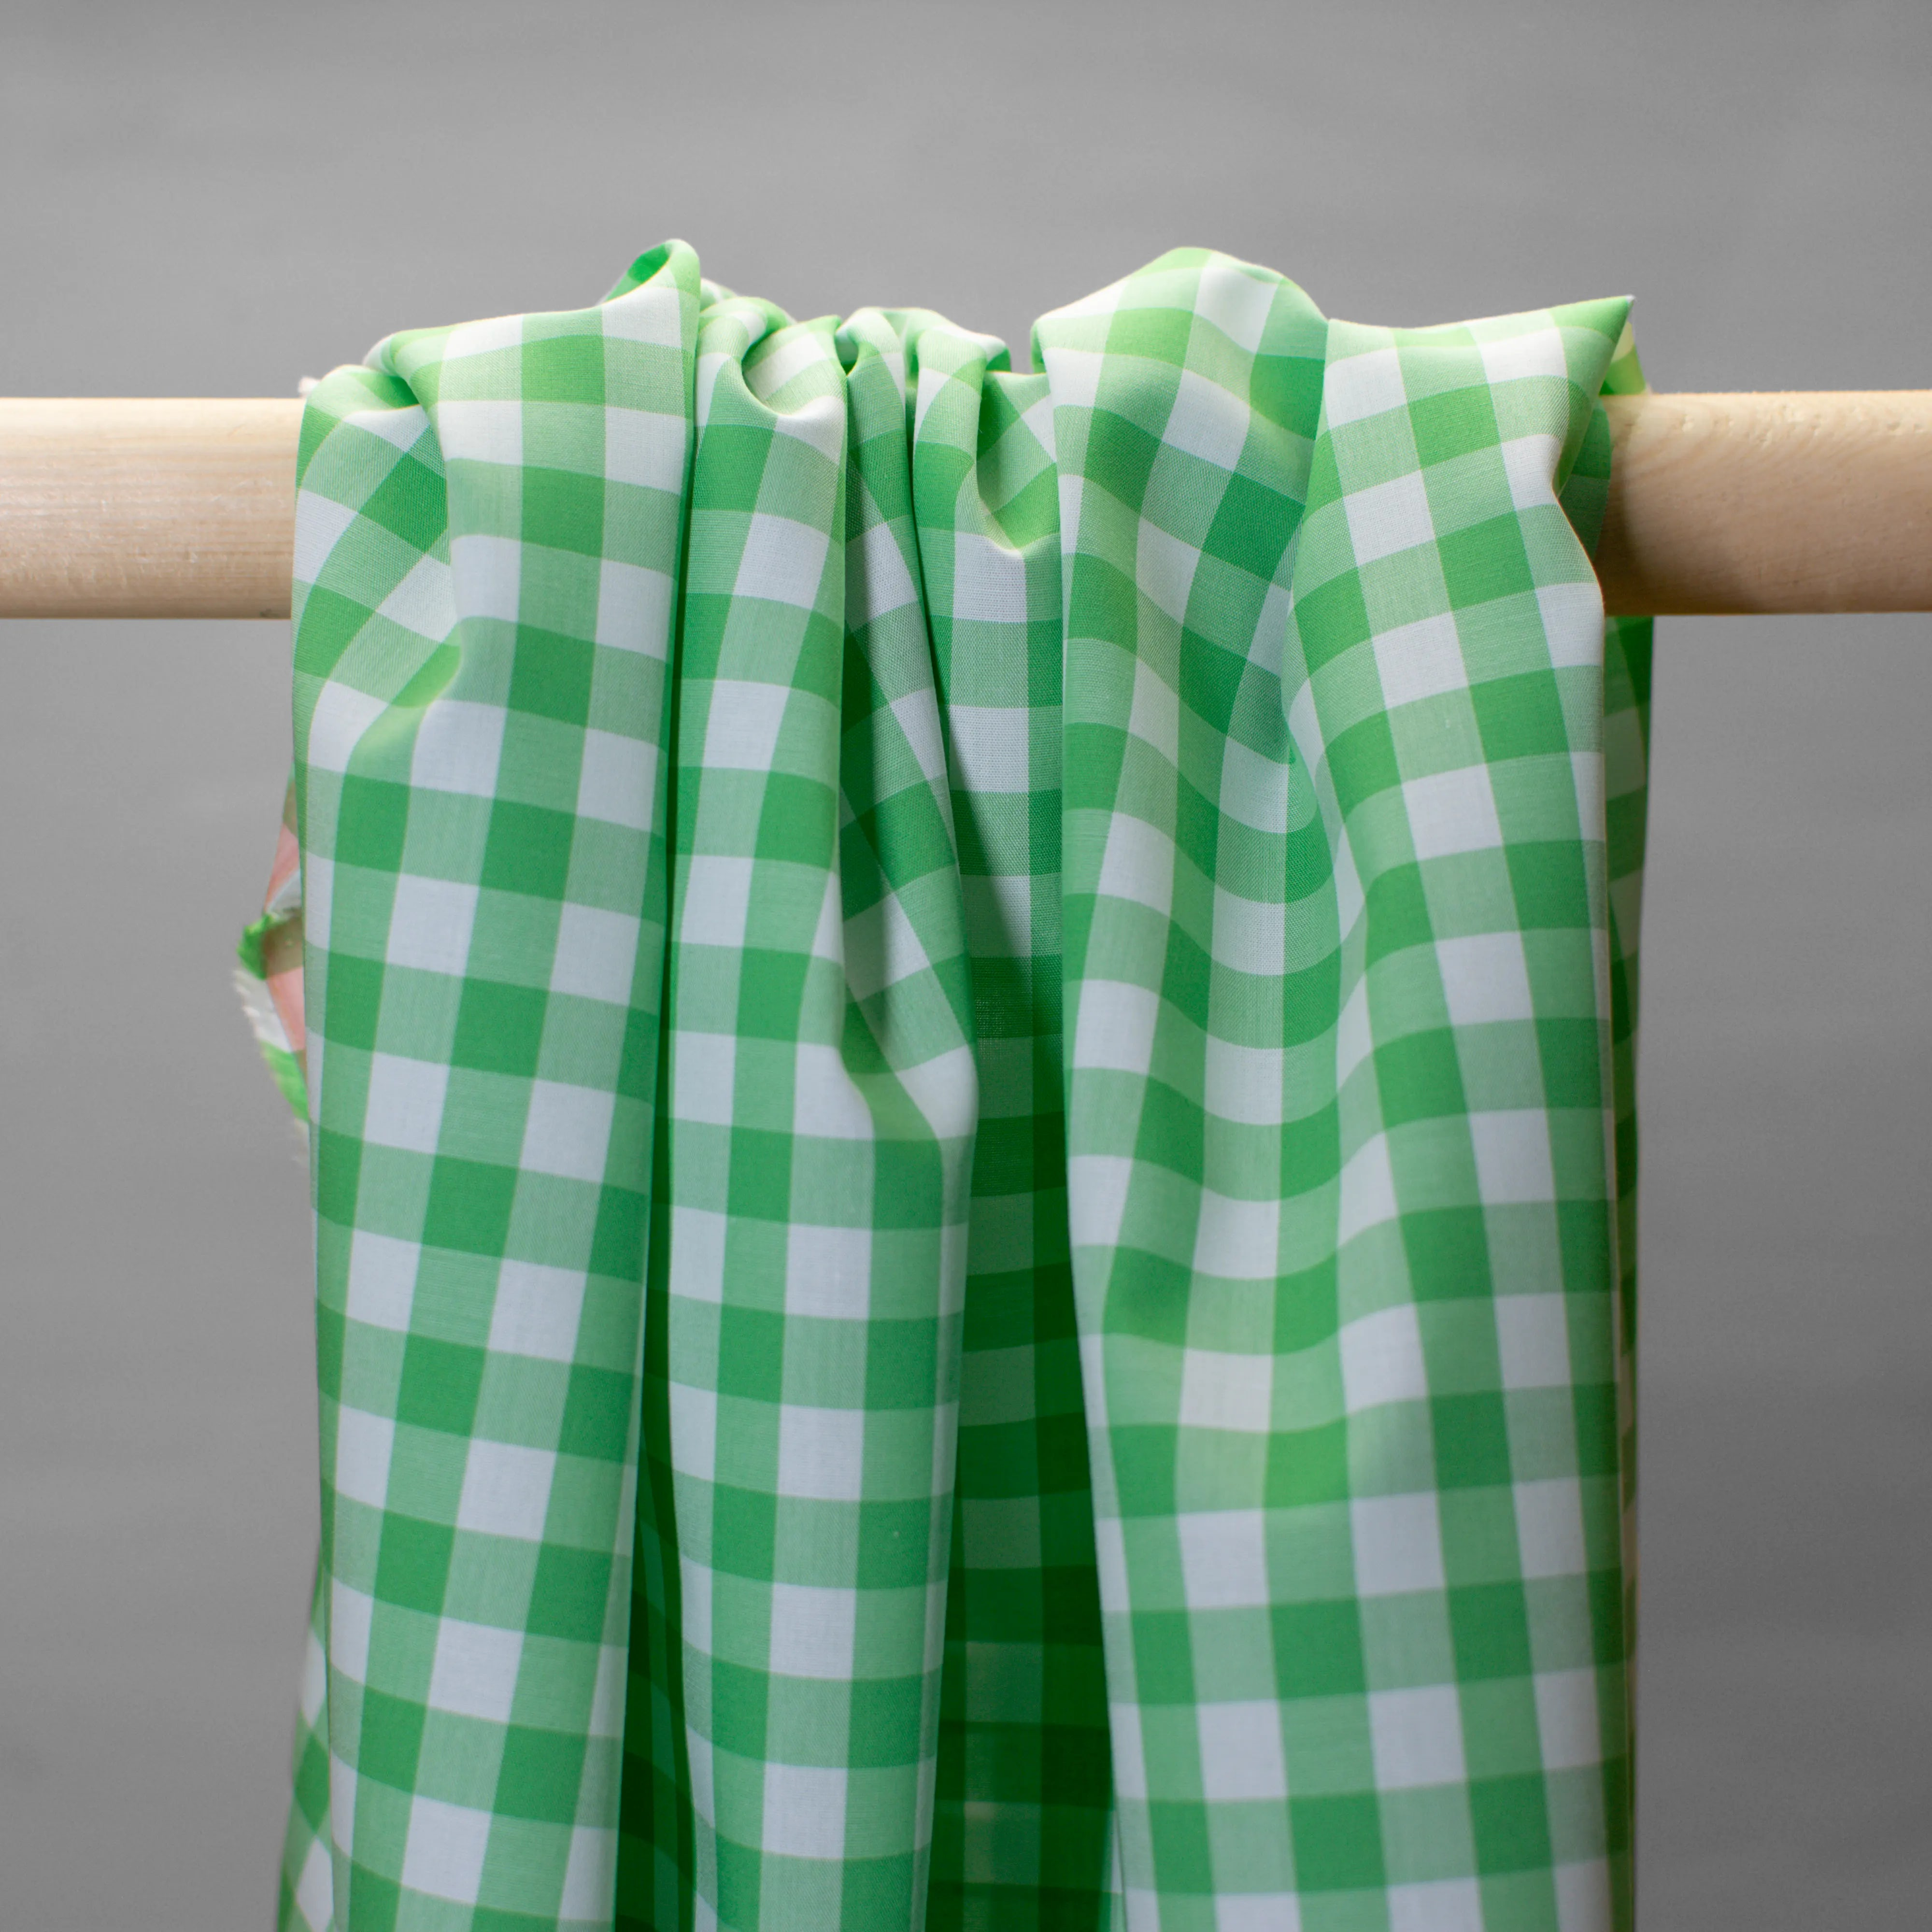 Baumwolle -  Vichy Karo - grün weiß